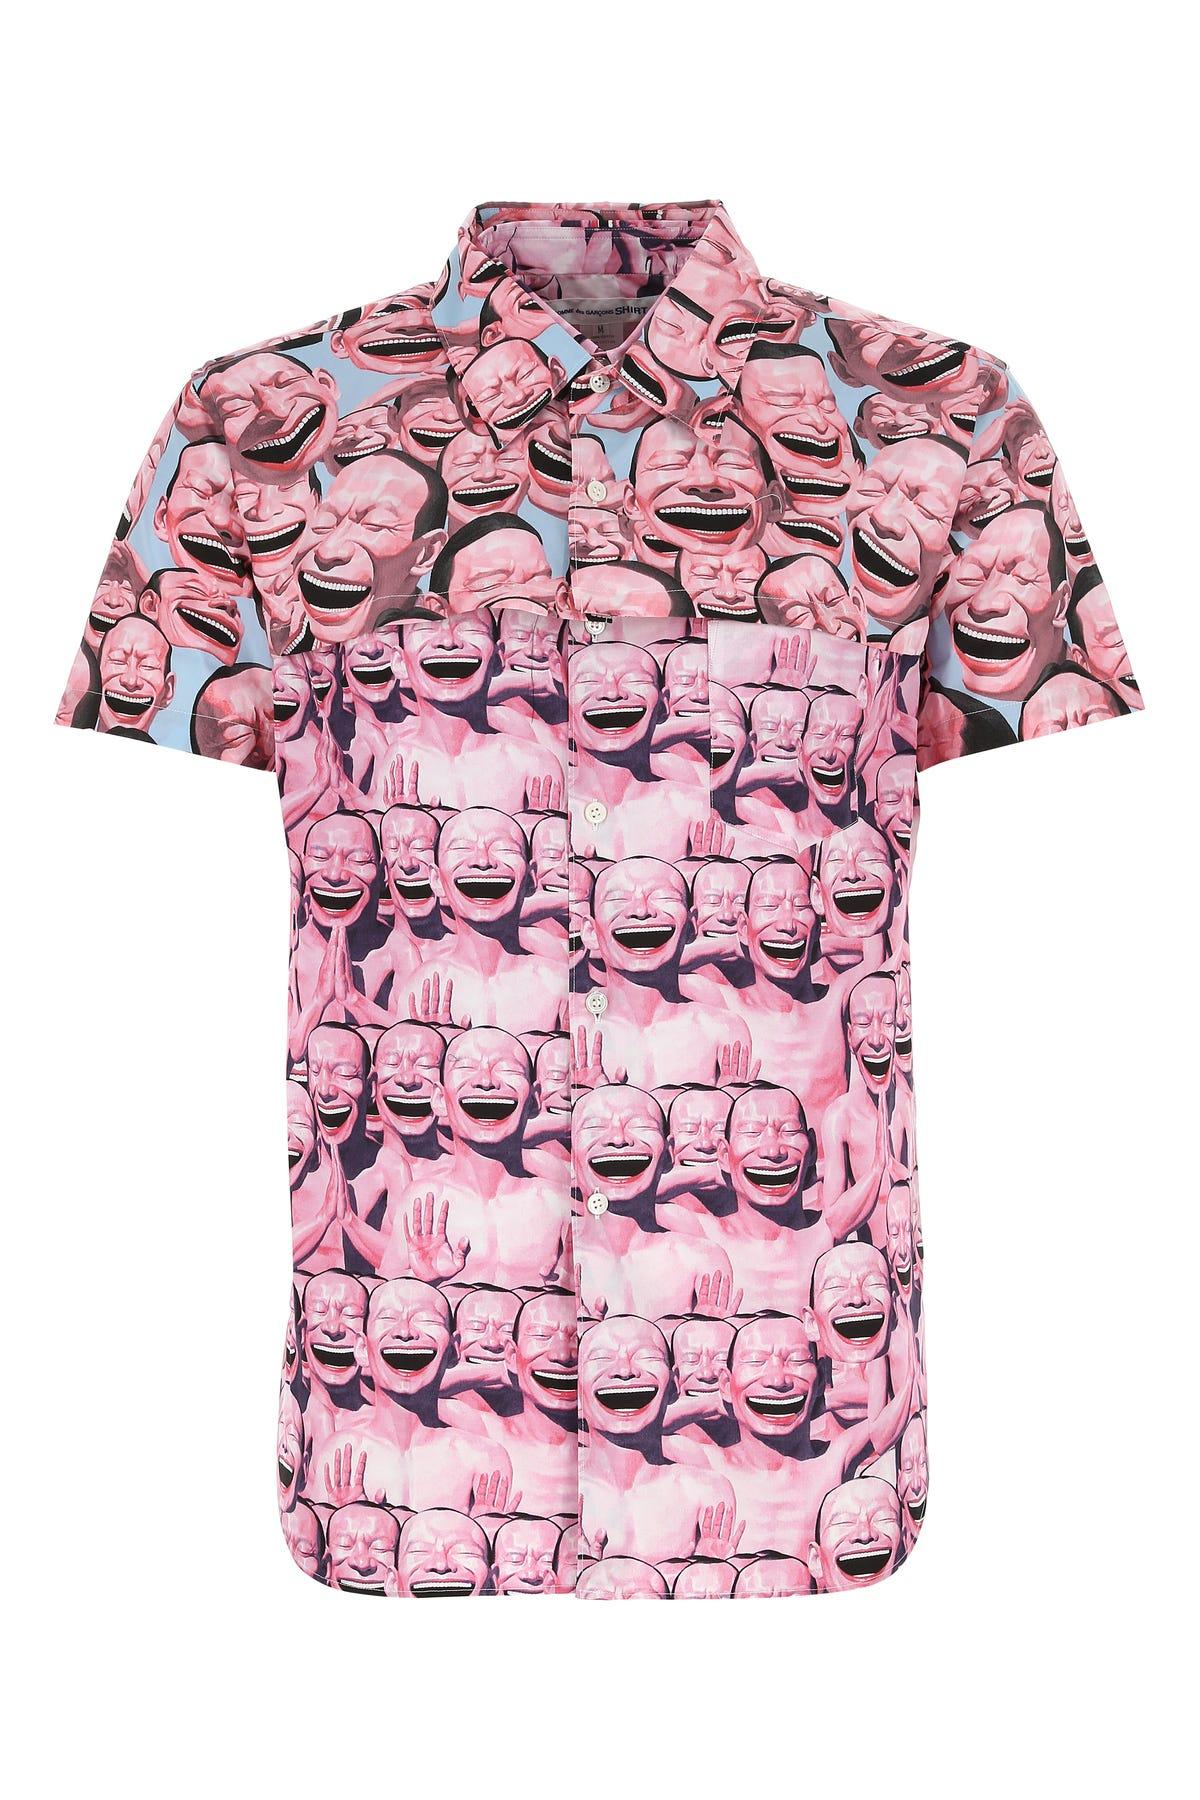 Comme Des Garçons Shirt Shorts PRINTED COTTON SHIRT  PRINTED COMME DES GARCONS SHIRT UOMO S